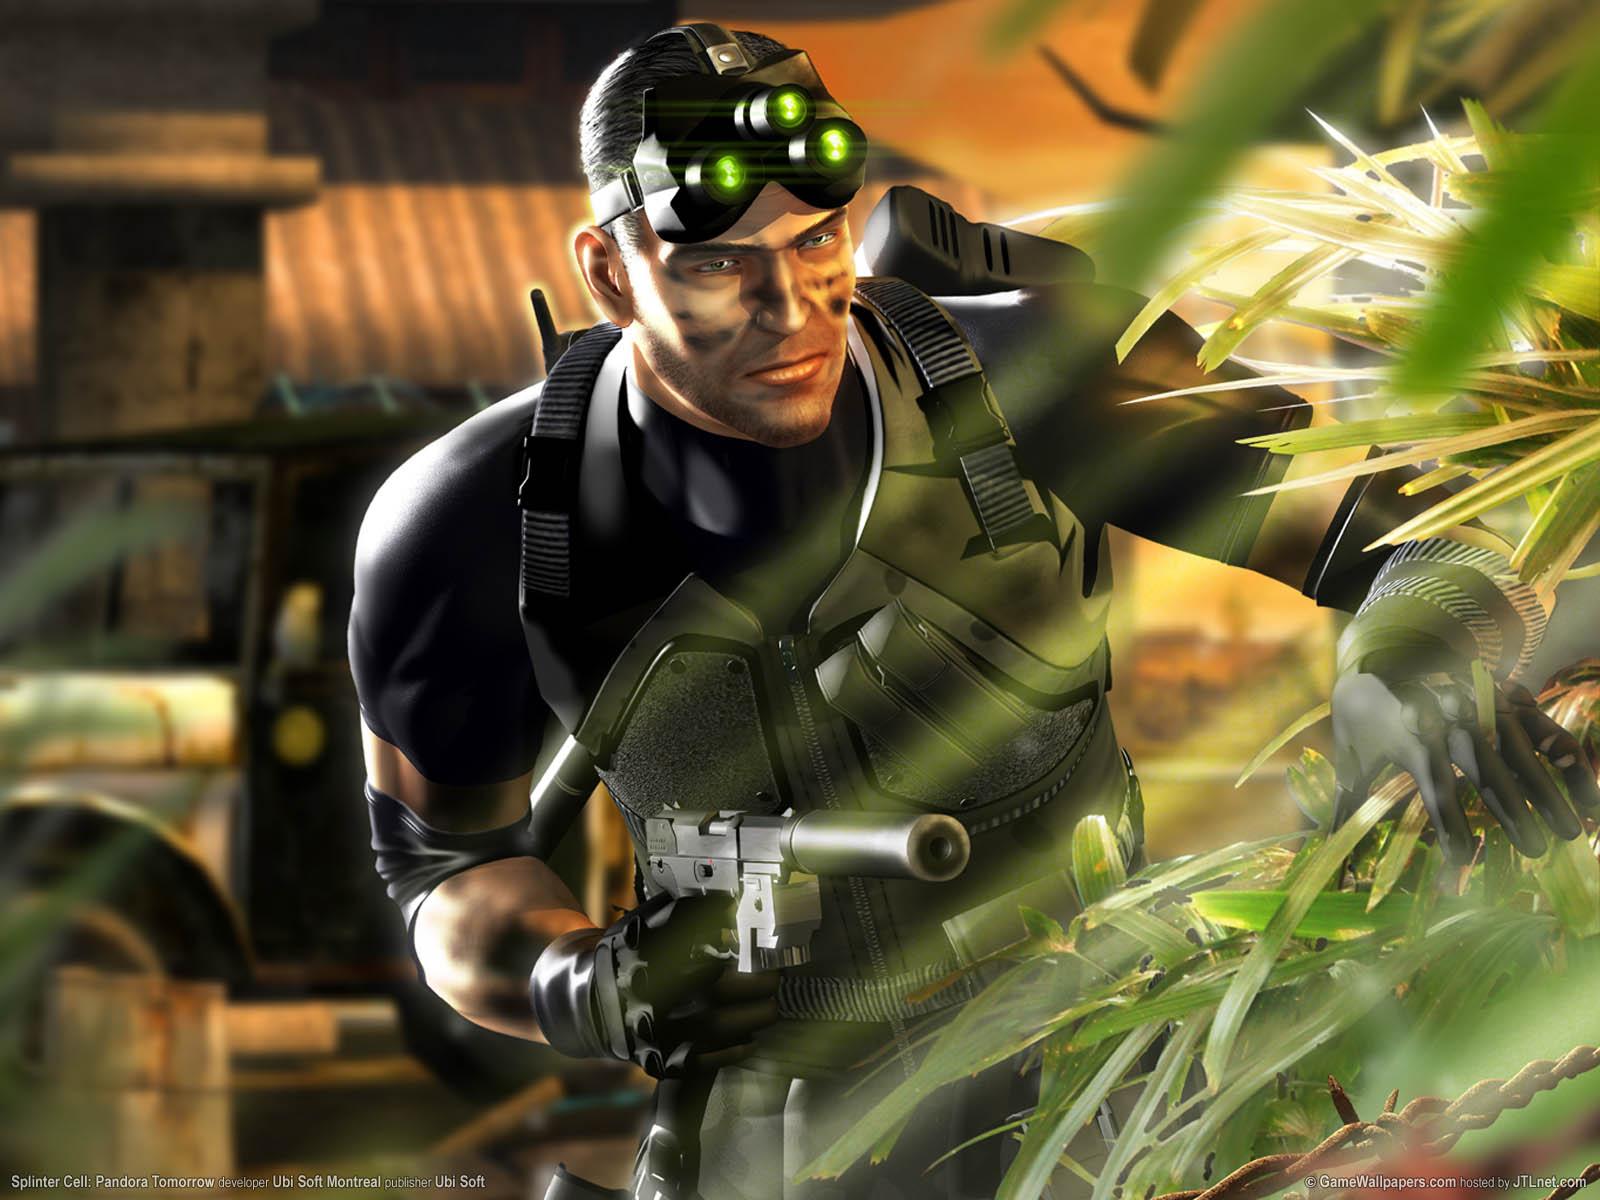 Splinter Cell: Pandora Tomorrow fondo de escritorio 01 1600x1200